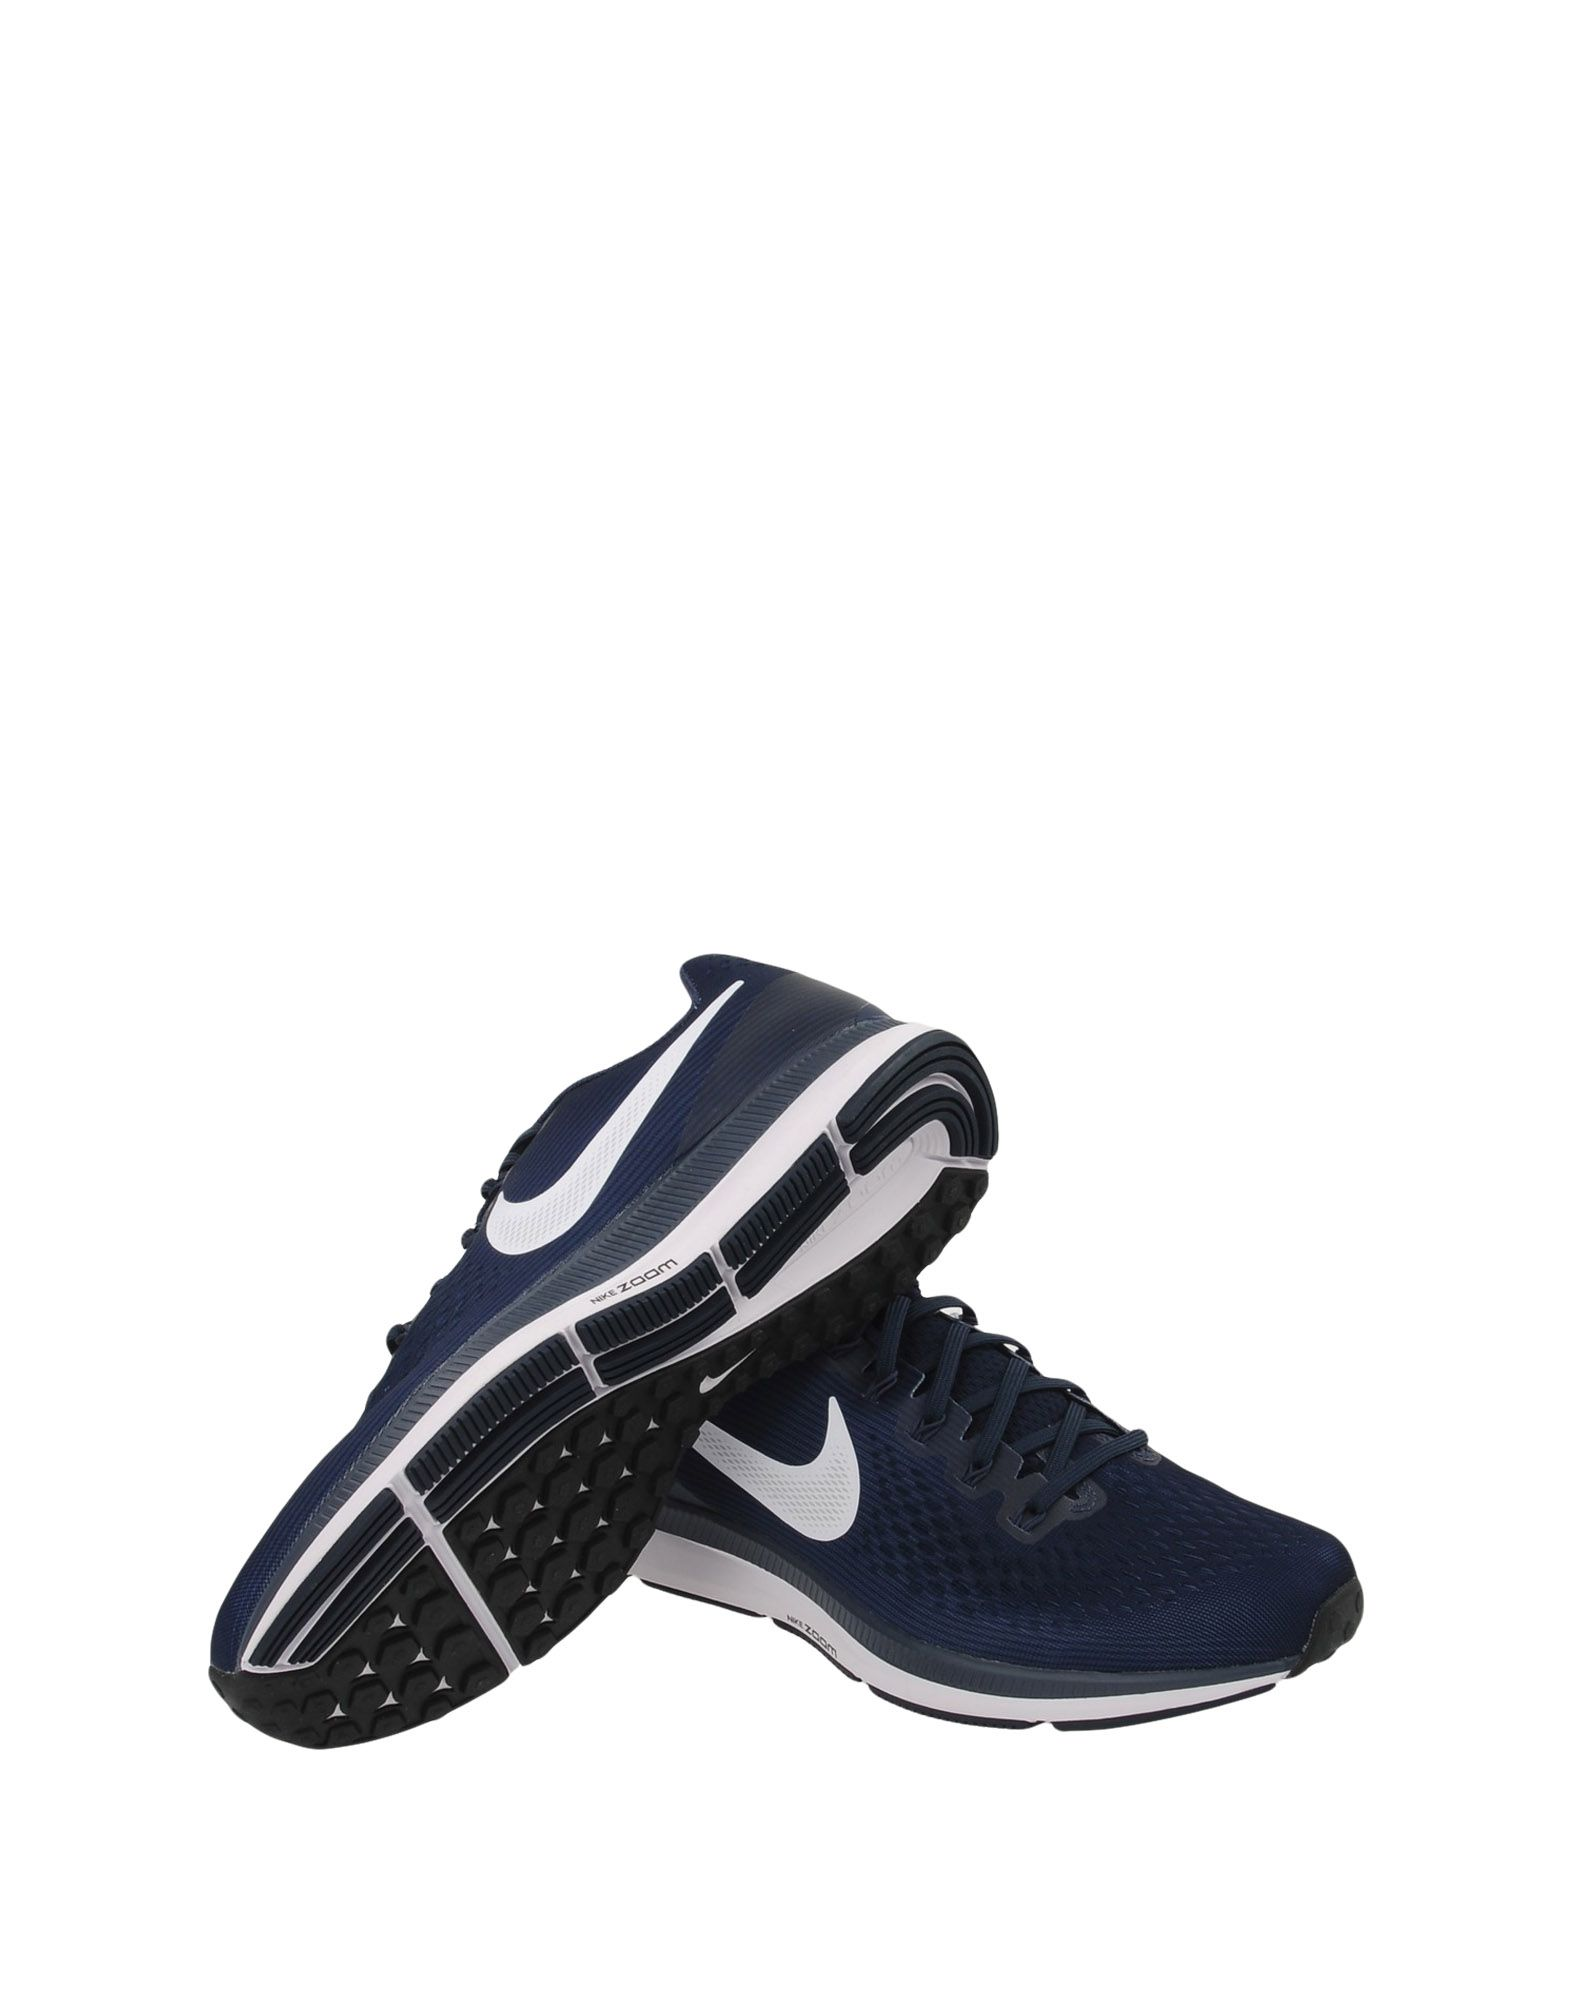 Sneakers Nike  Air Zoom Pegasus 34 - Homme - Sneakers Nike sur